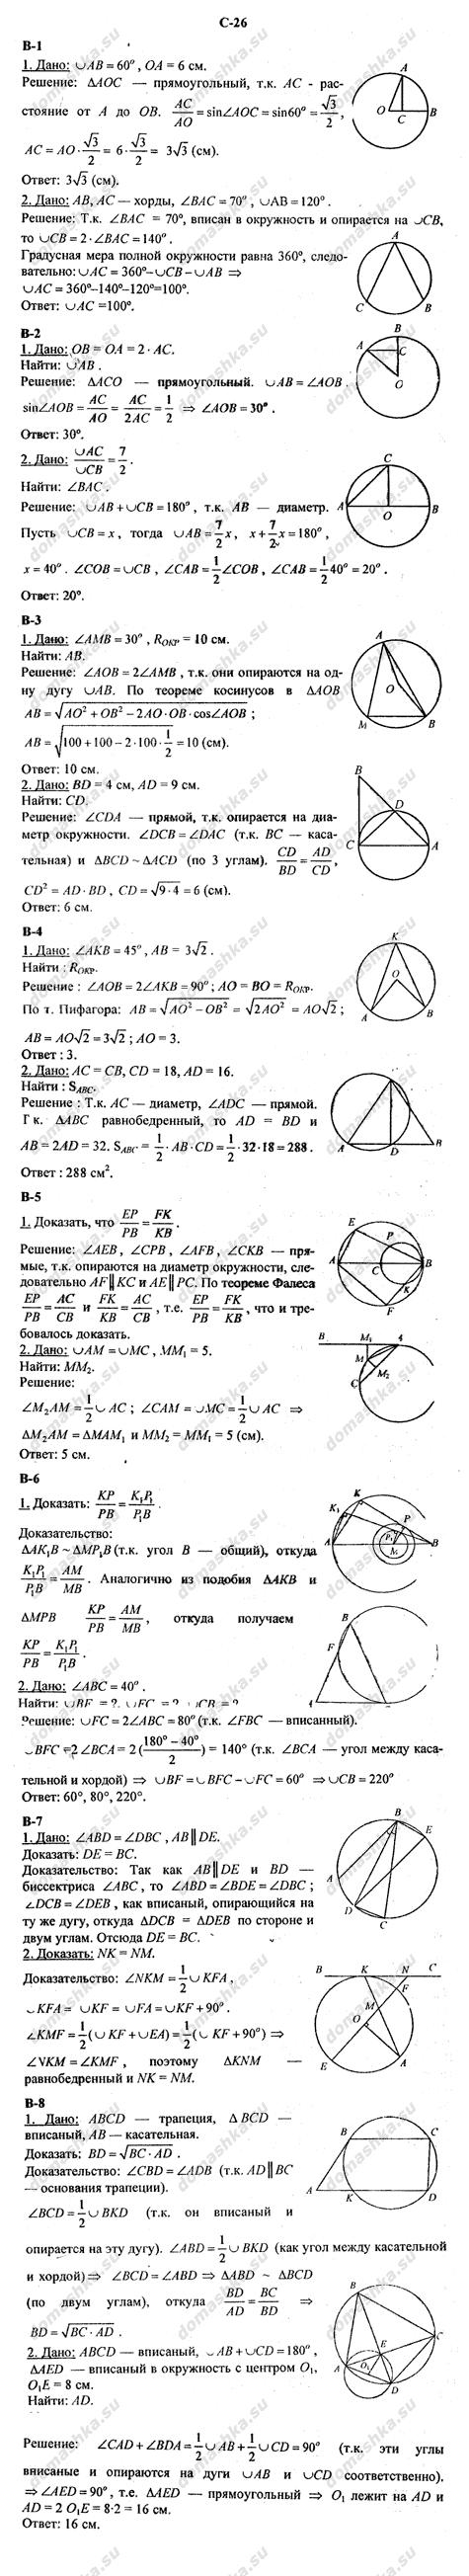 Гдз по геометрии дидактика за класс зив. меллер